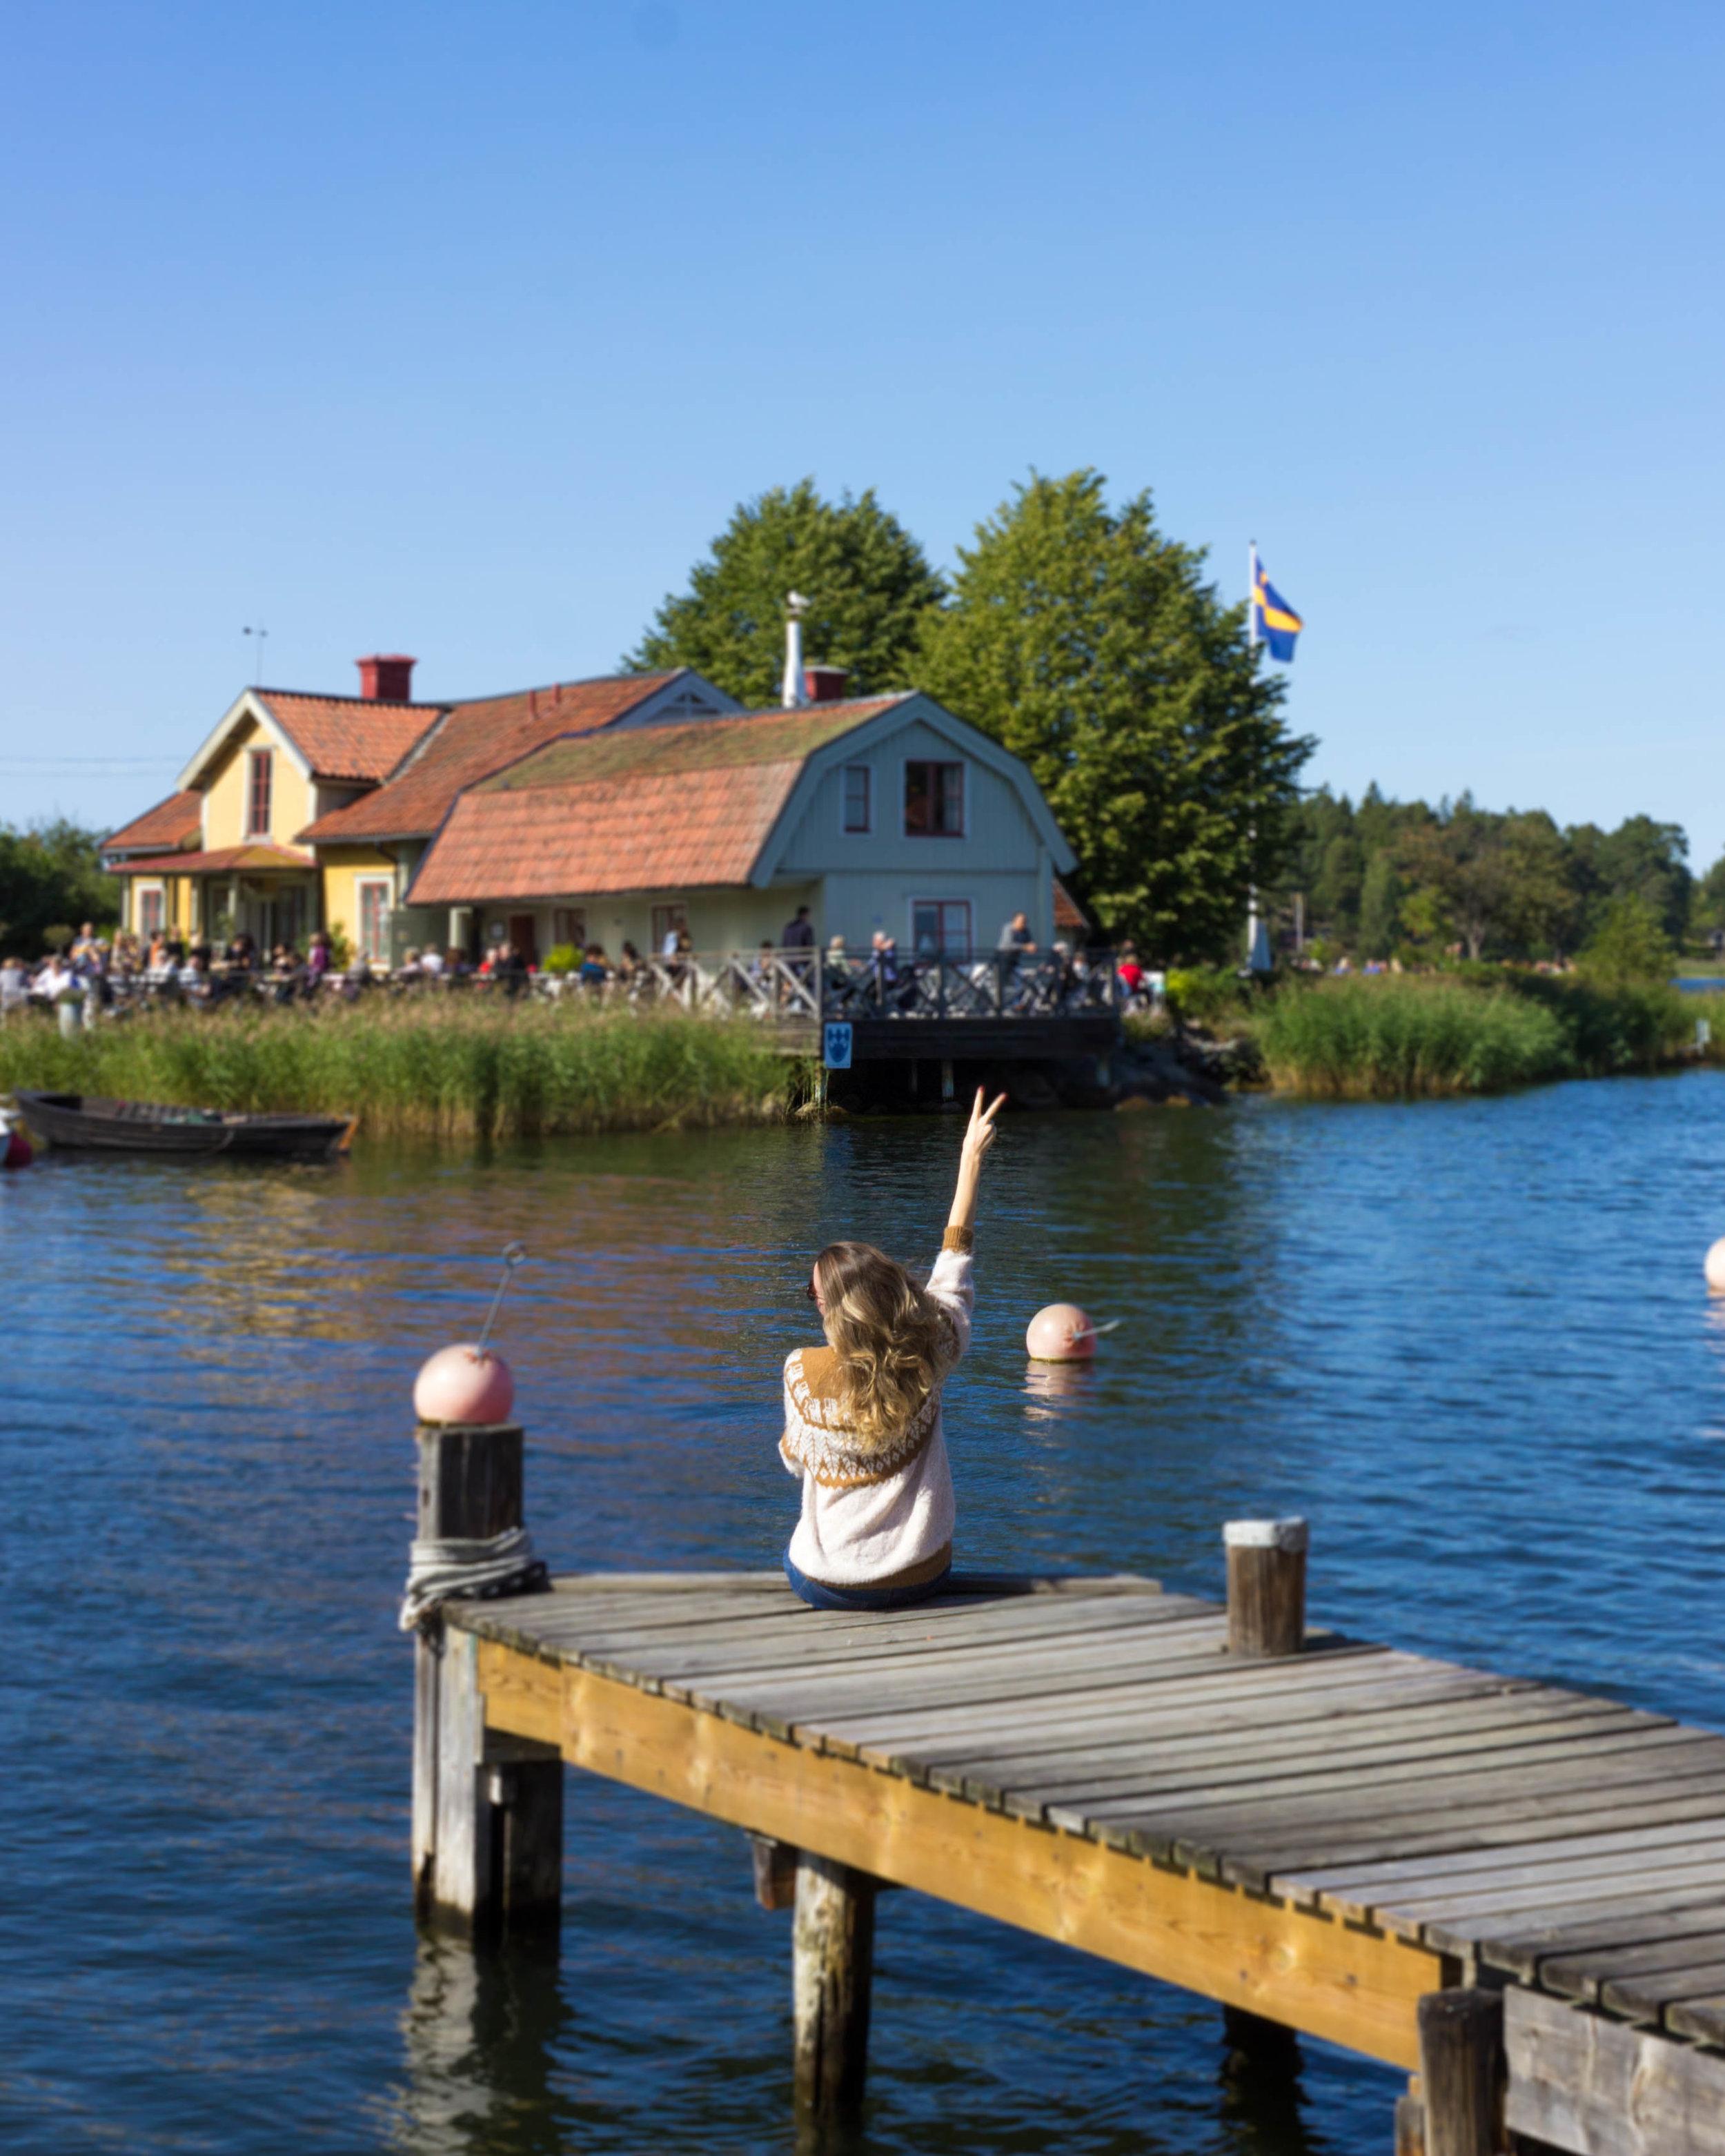 Enjoying the day on Vaxholm island